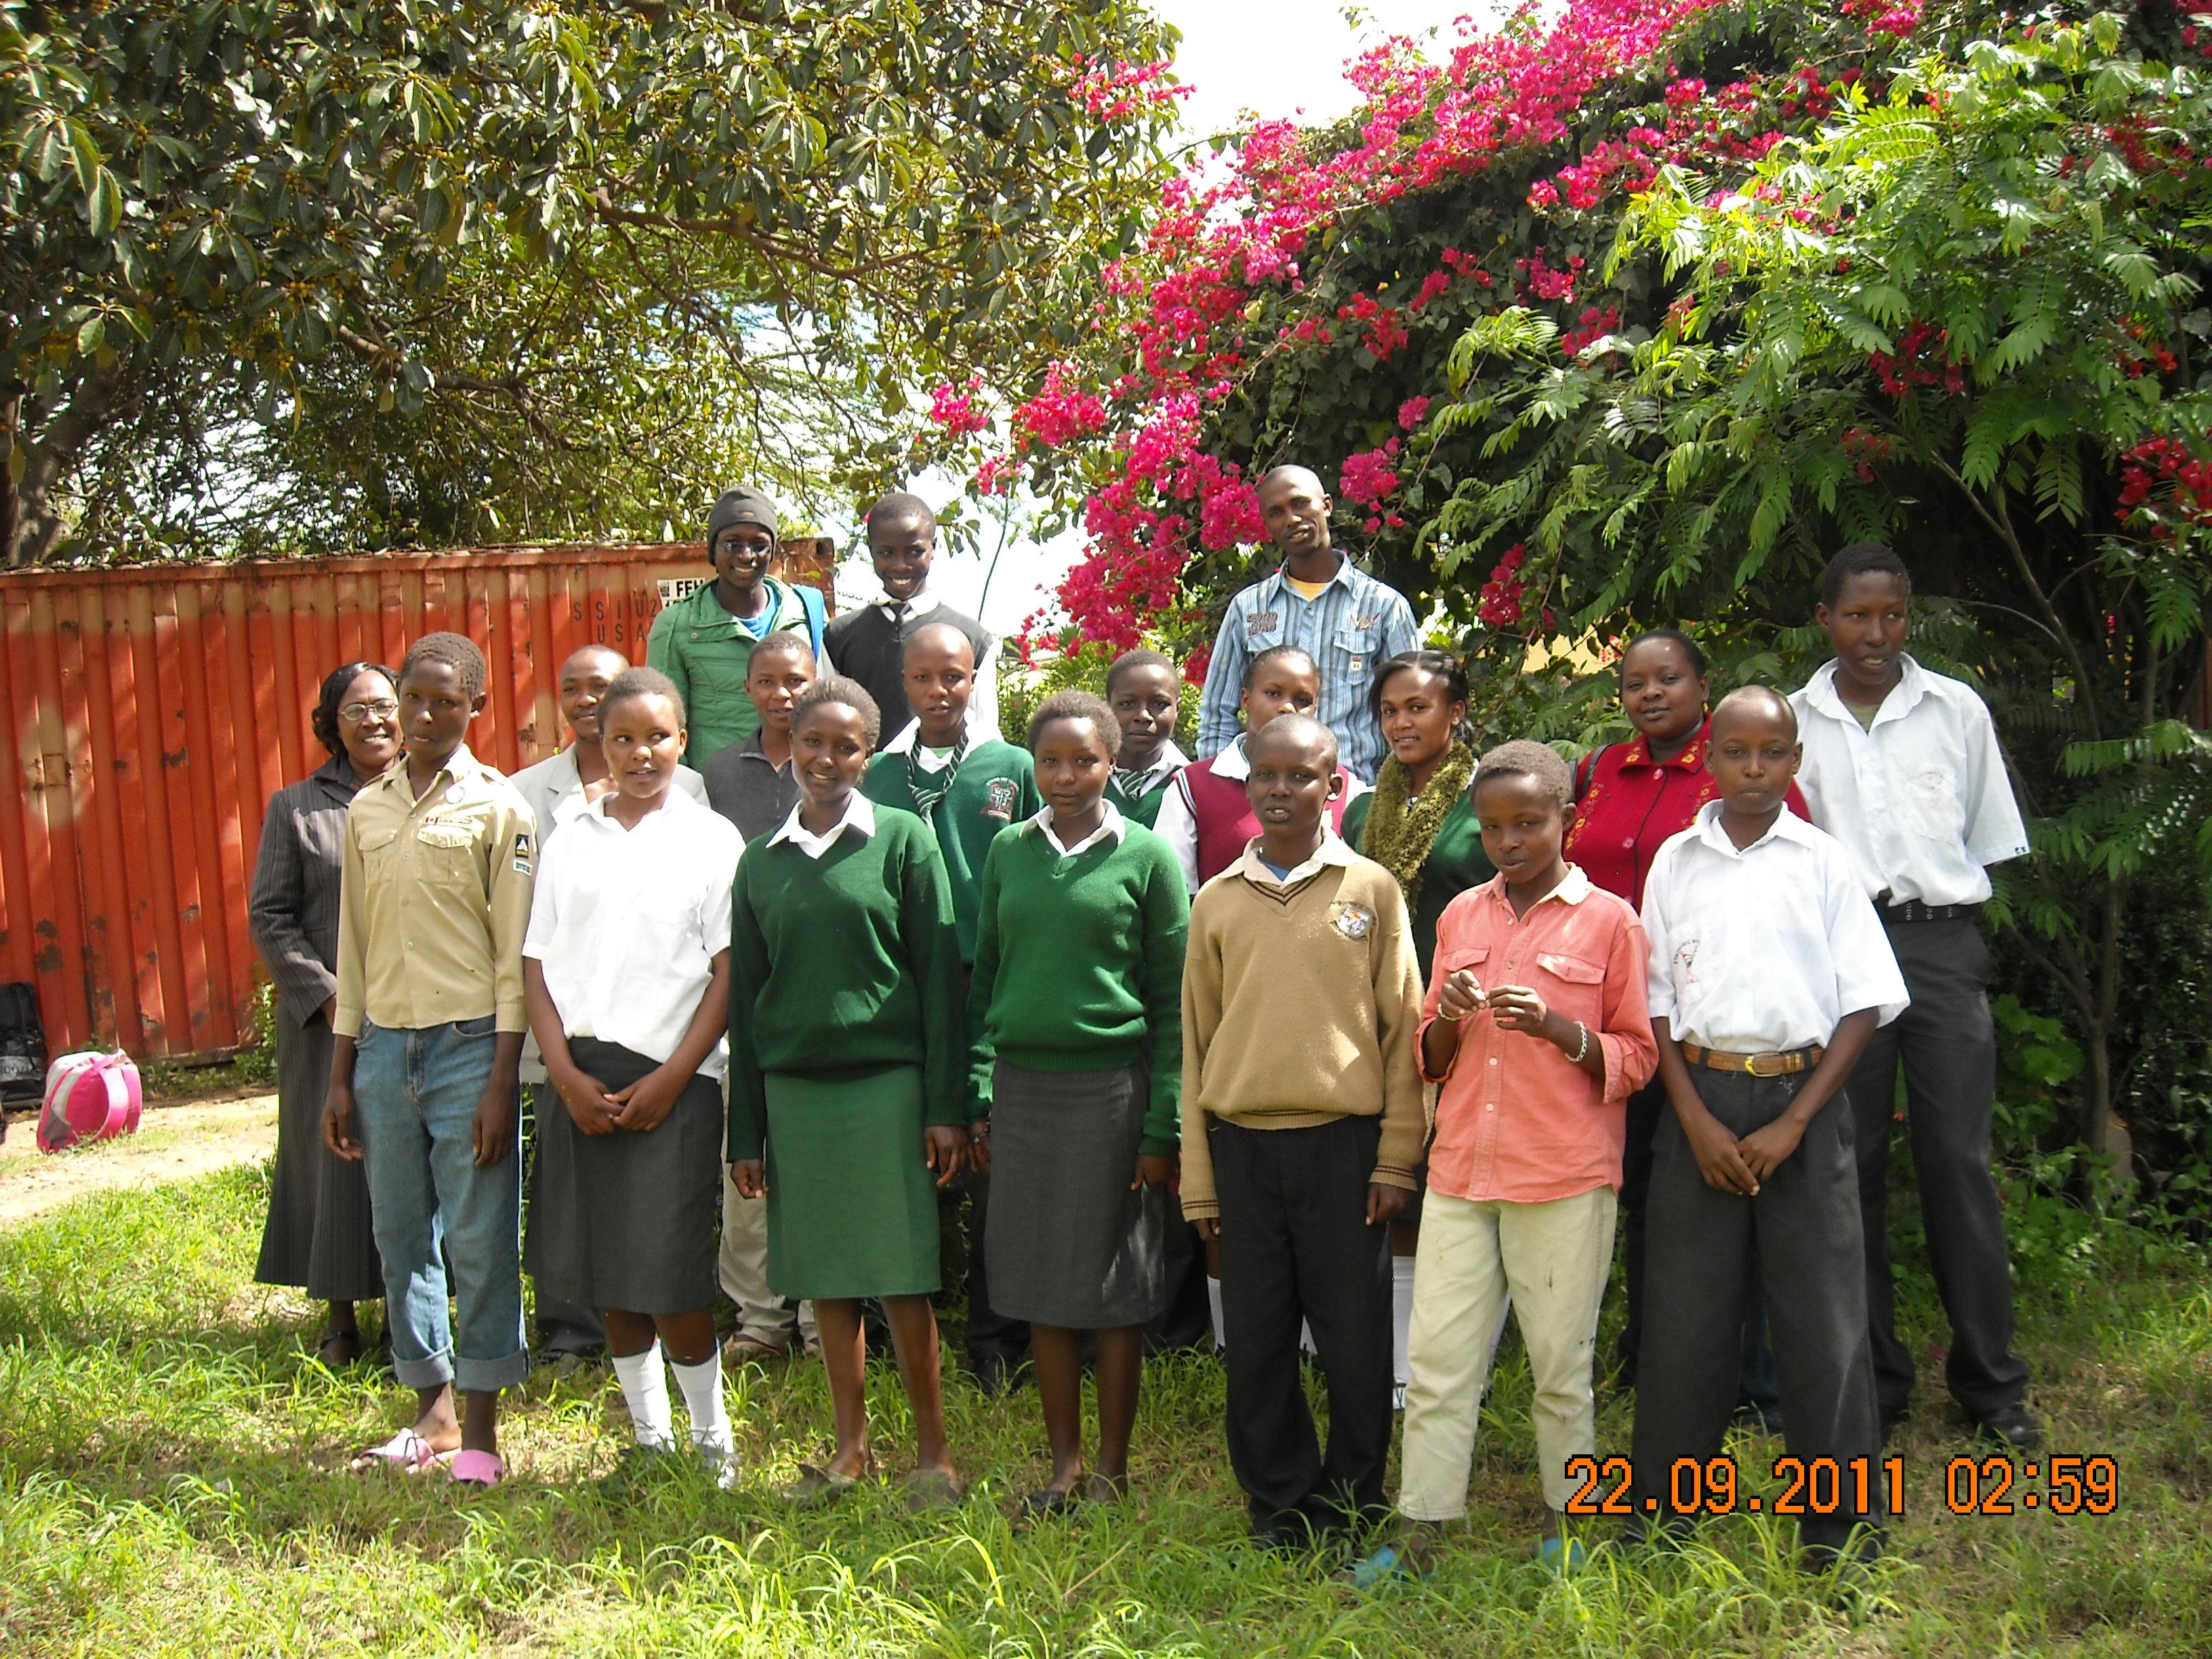 Canini kids 2012 035